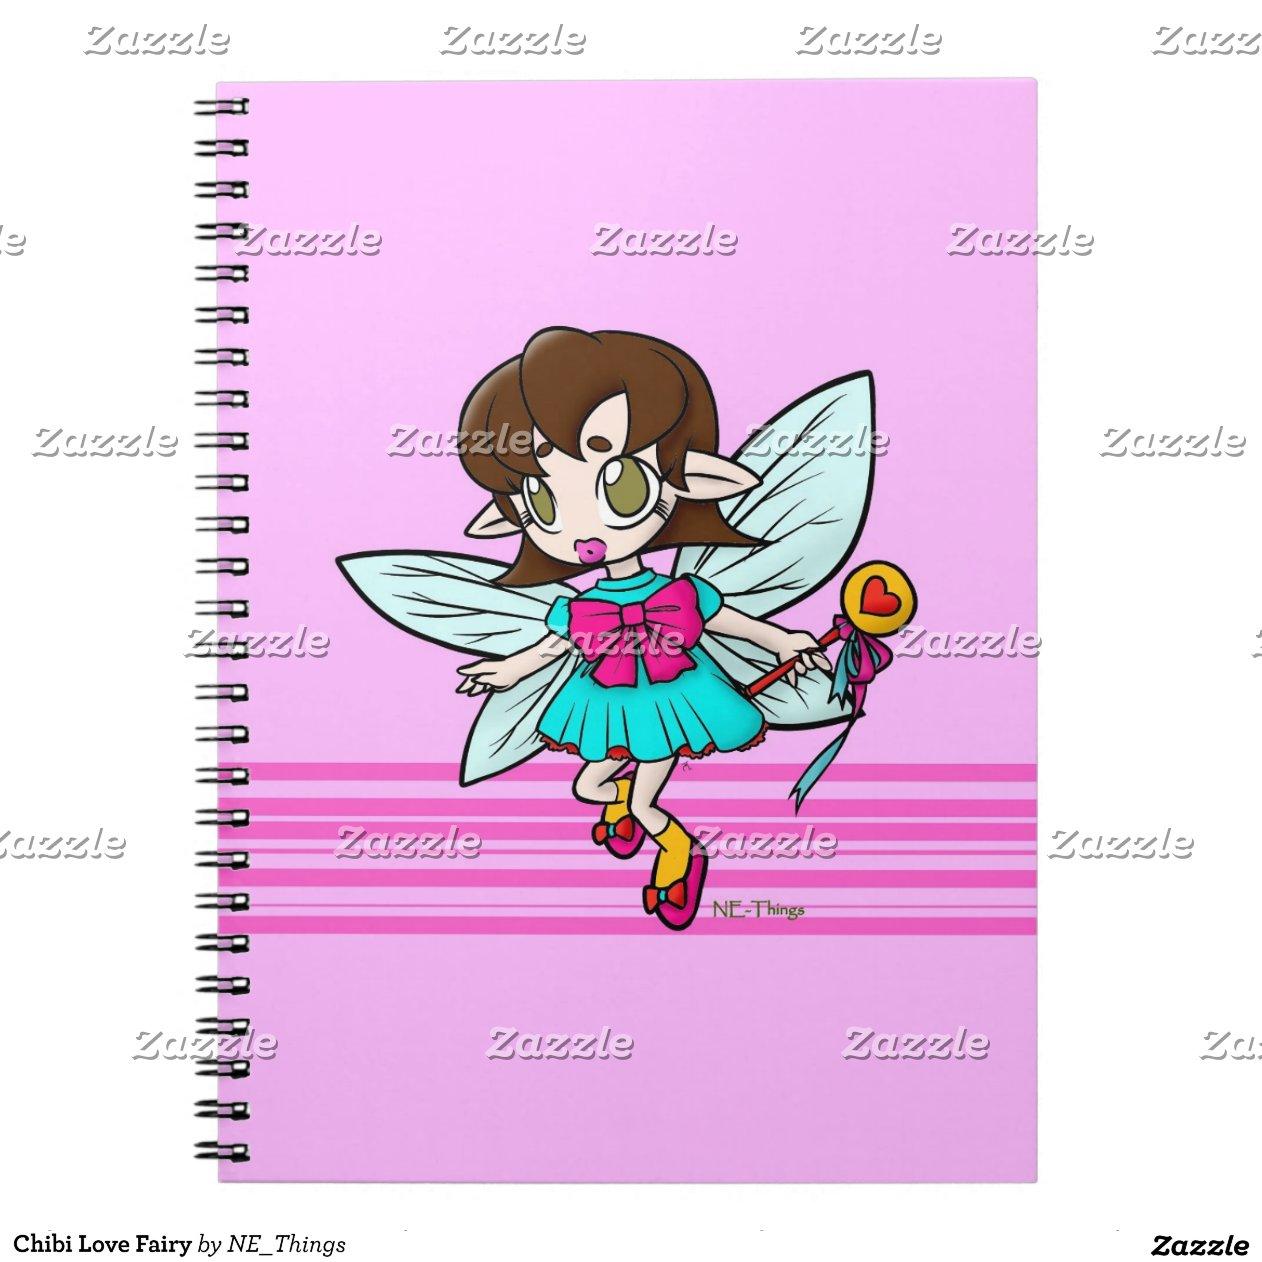 Hada Del Amor Hada Del Amor De Chibi Note Book Rdfefebdbfaedfbda